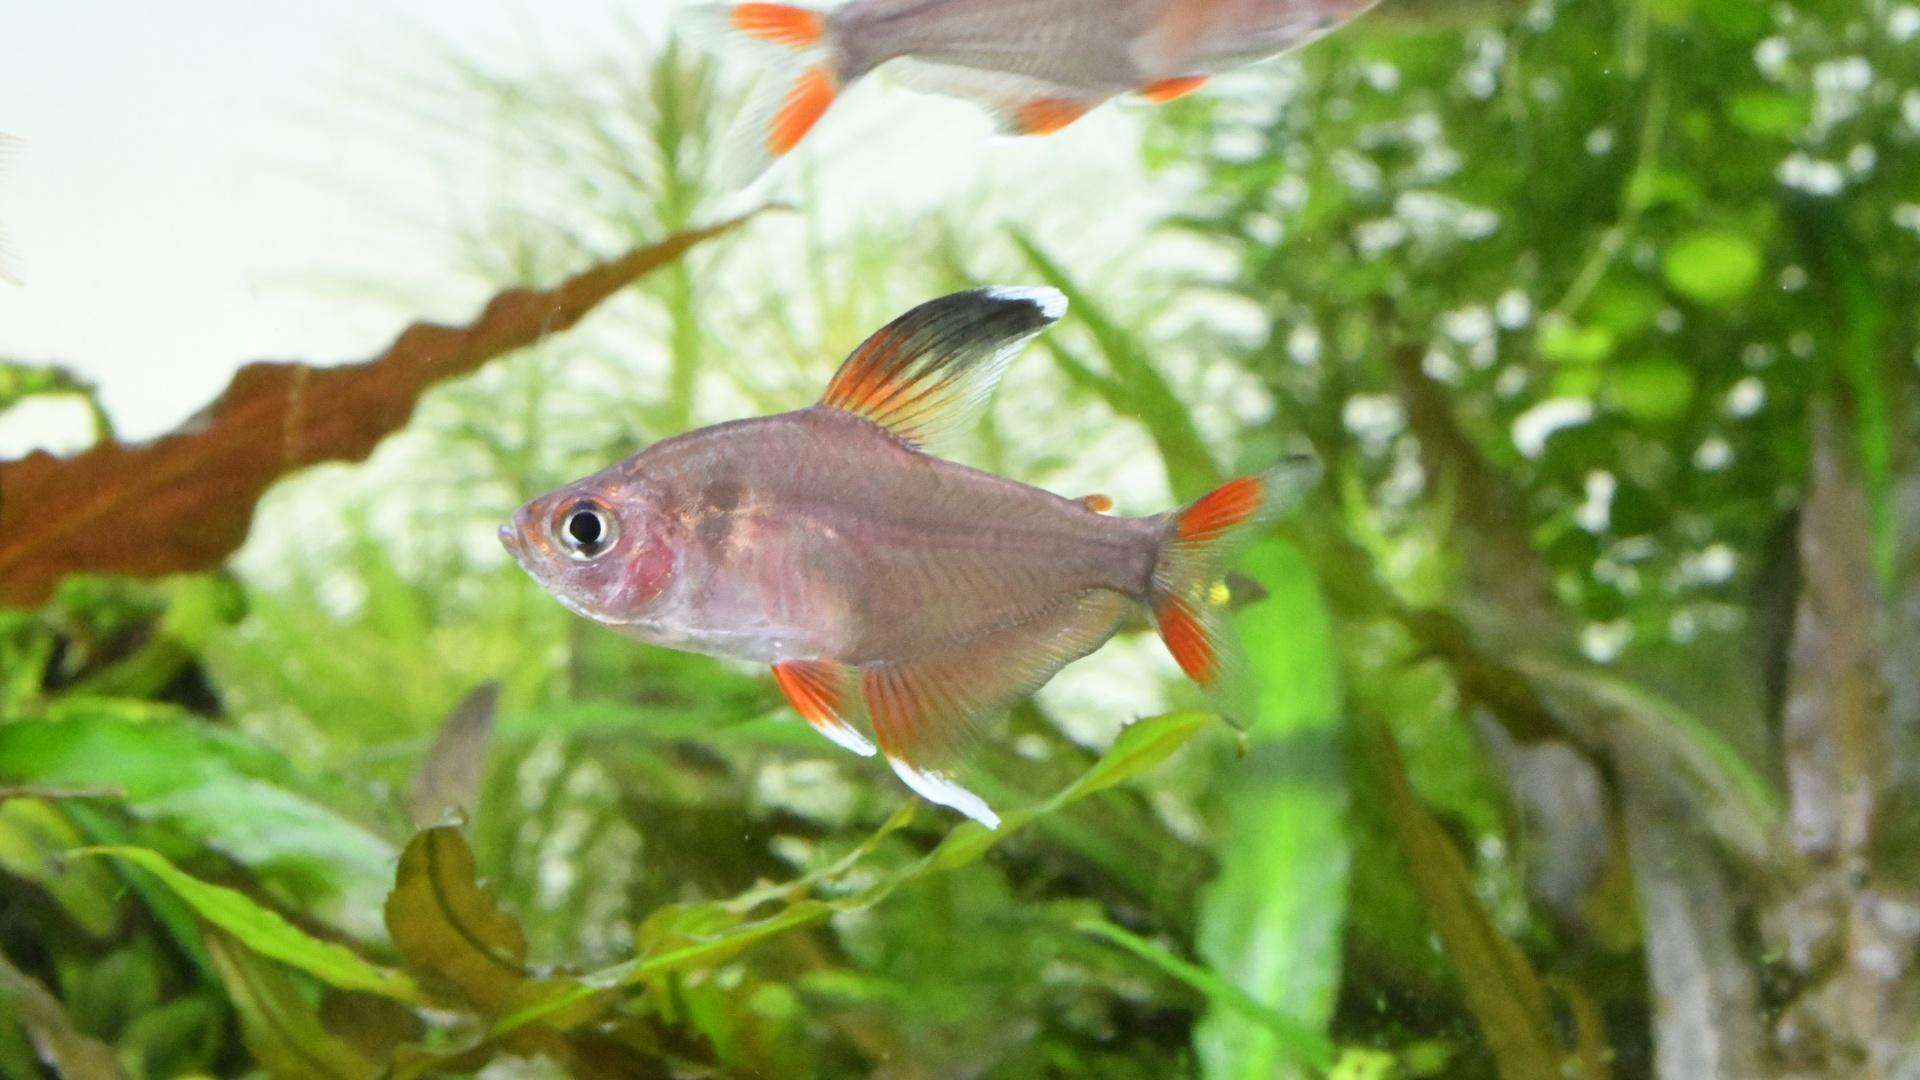 熱帯魚紹介:3色のヒレが可愛い ホワイトフィン・ロージーテトラ